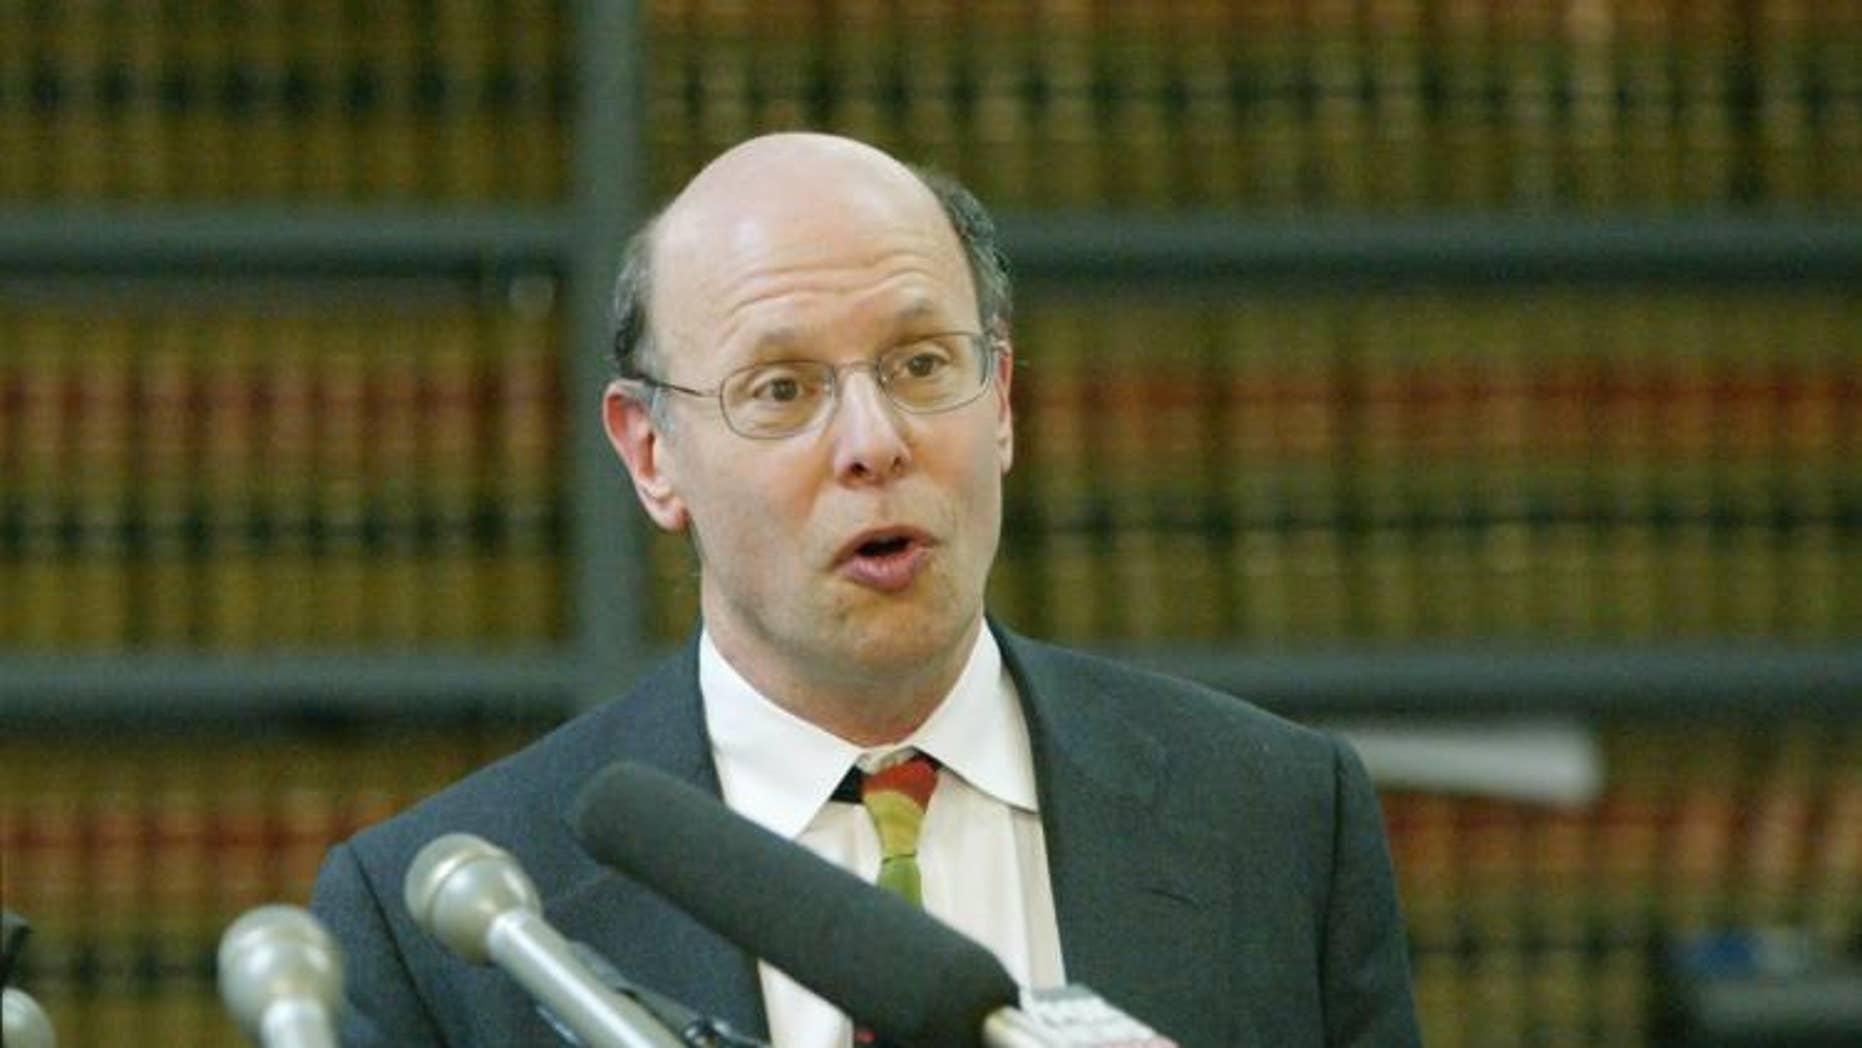 Michael Ratner in 2004.